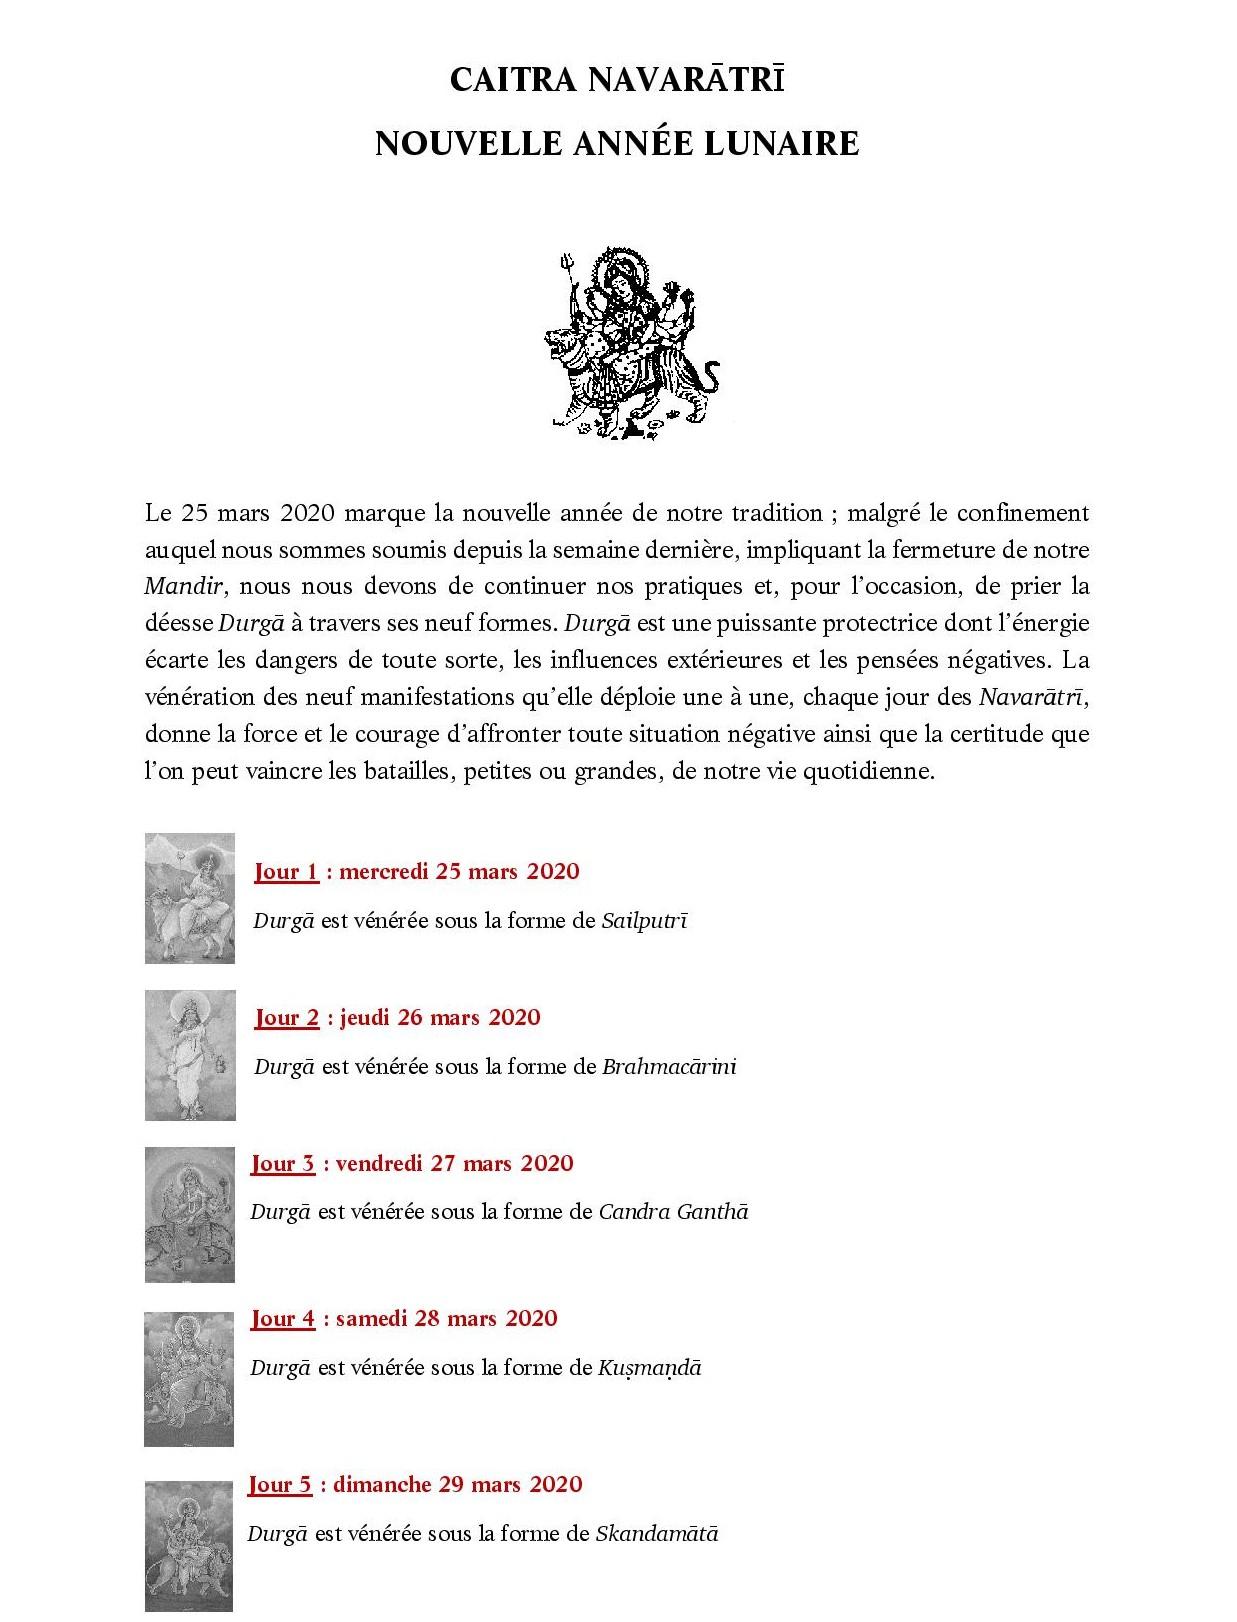 CAITRA NAVARATRI 2020-page-001-1